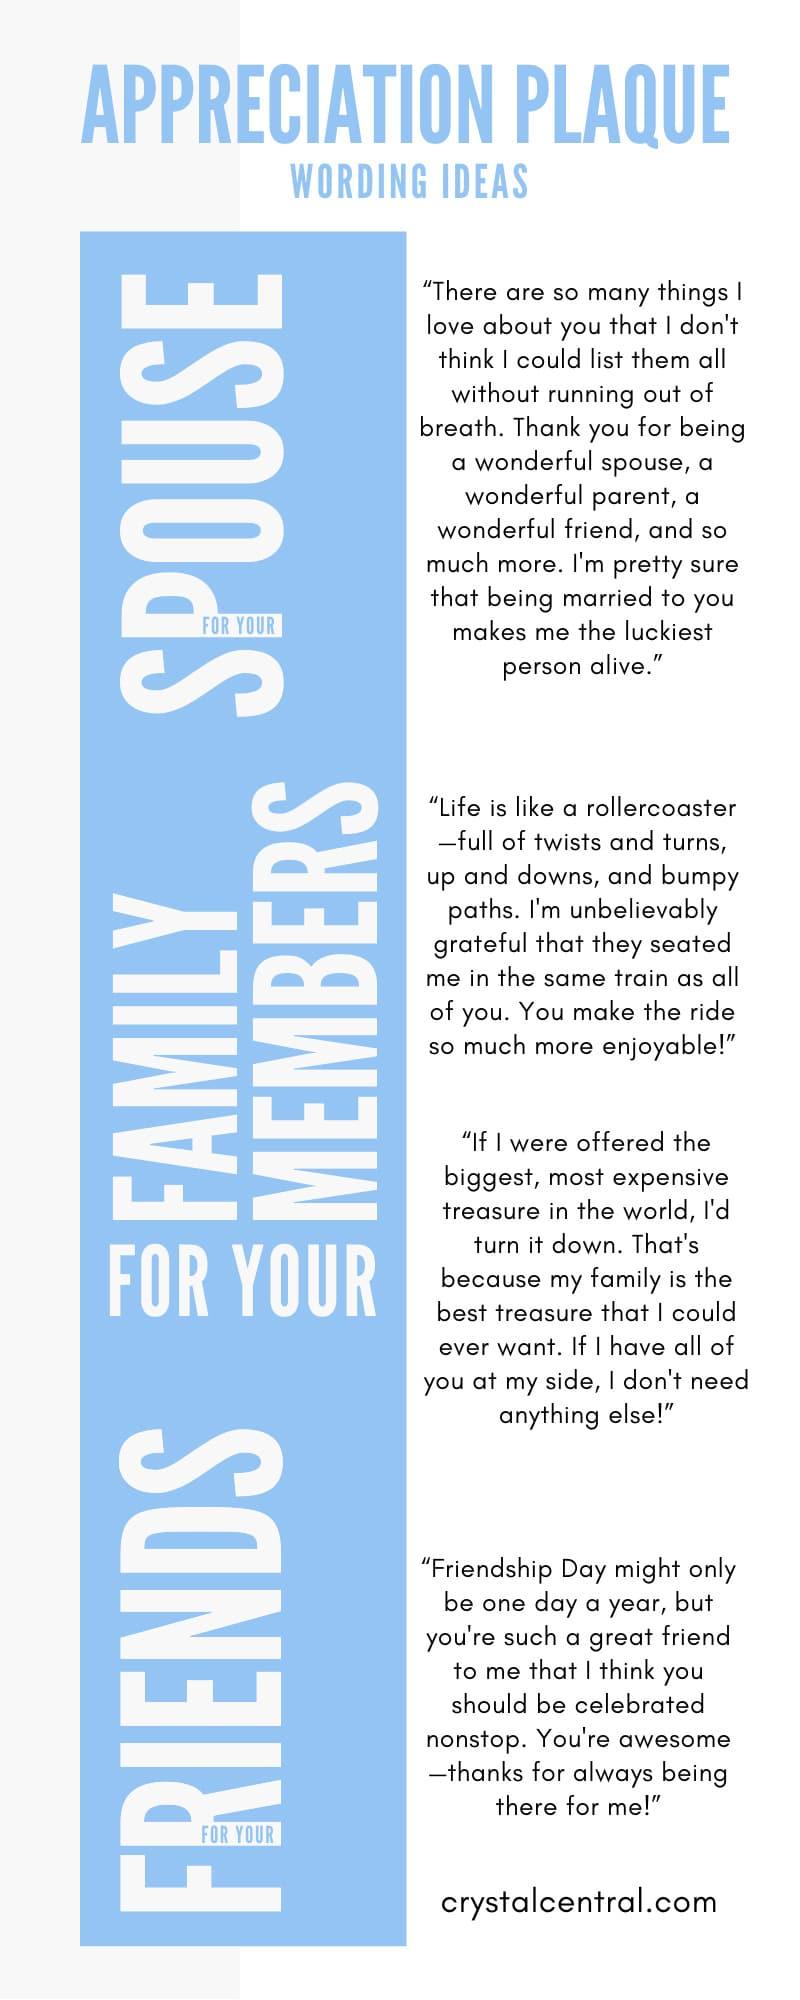 Appreciation Plaque Wording Ideas